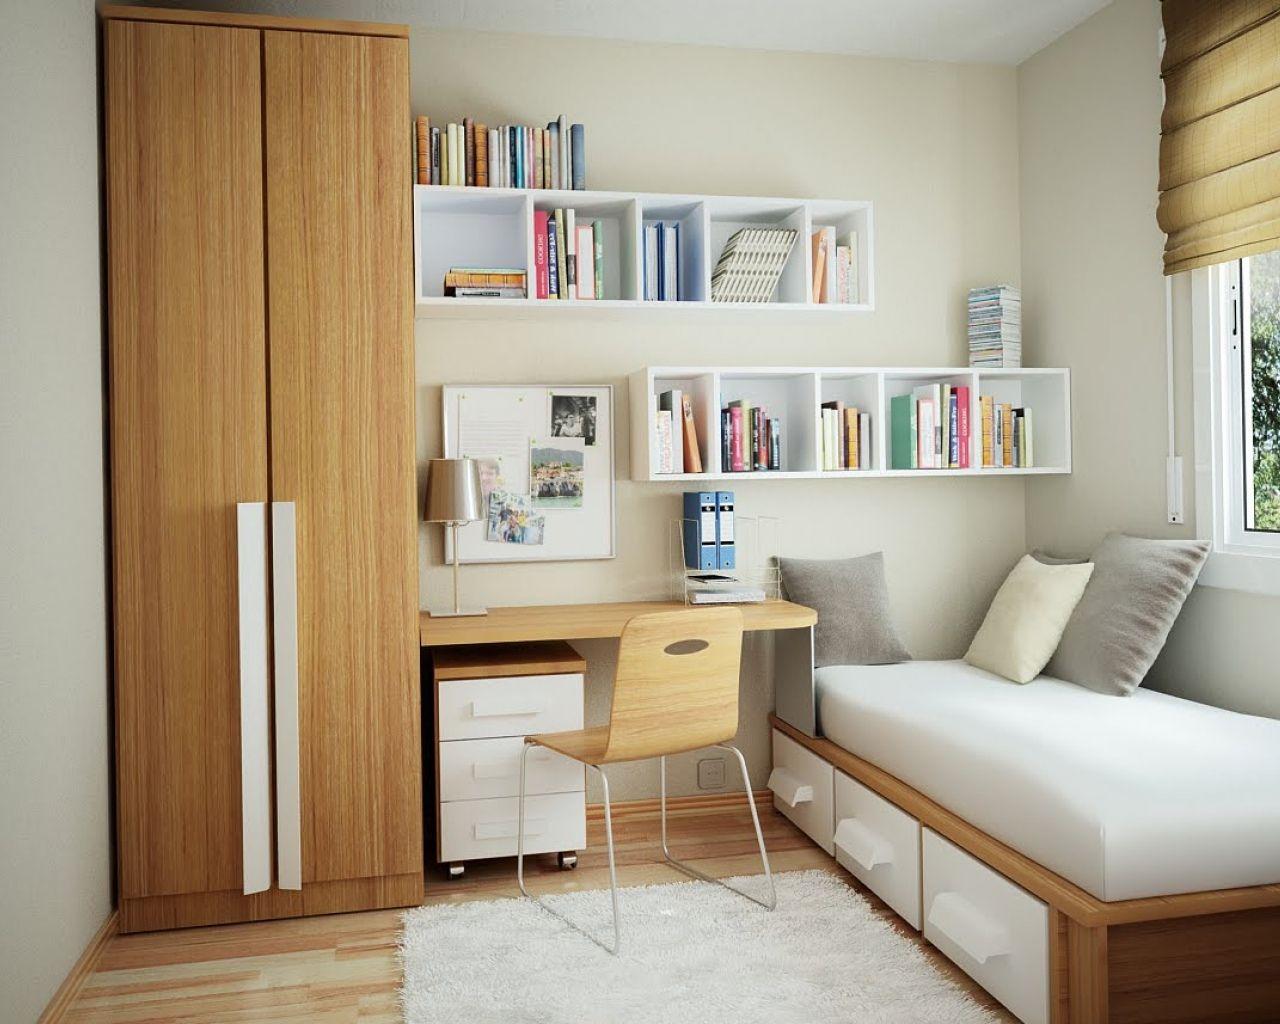 Bedroom Designs 10 X 12 interesting bedroom designs 12 x grove heights traditionalbedroom